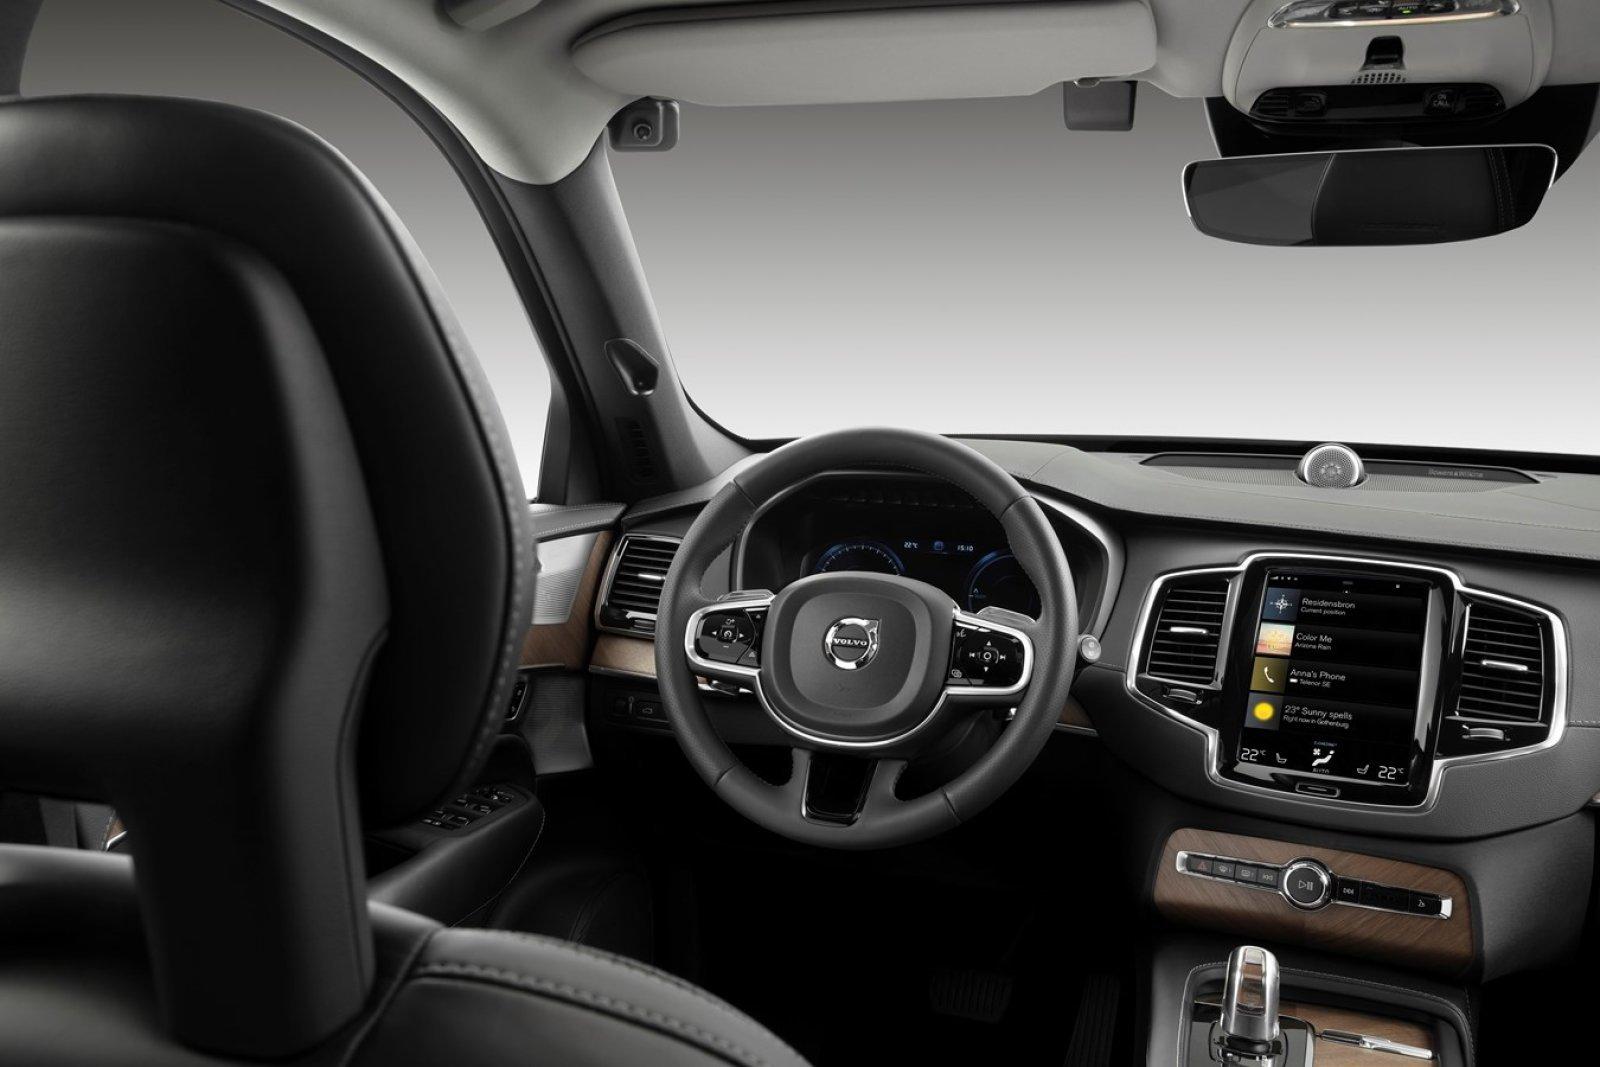 Volvo, presto telecamere per identificare conducenti ubriachi o distratti